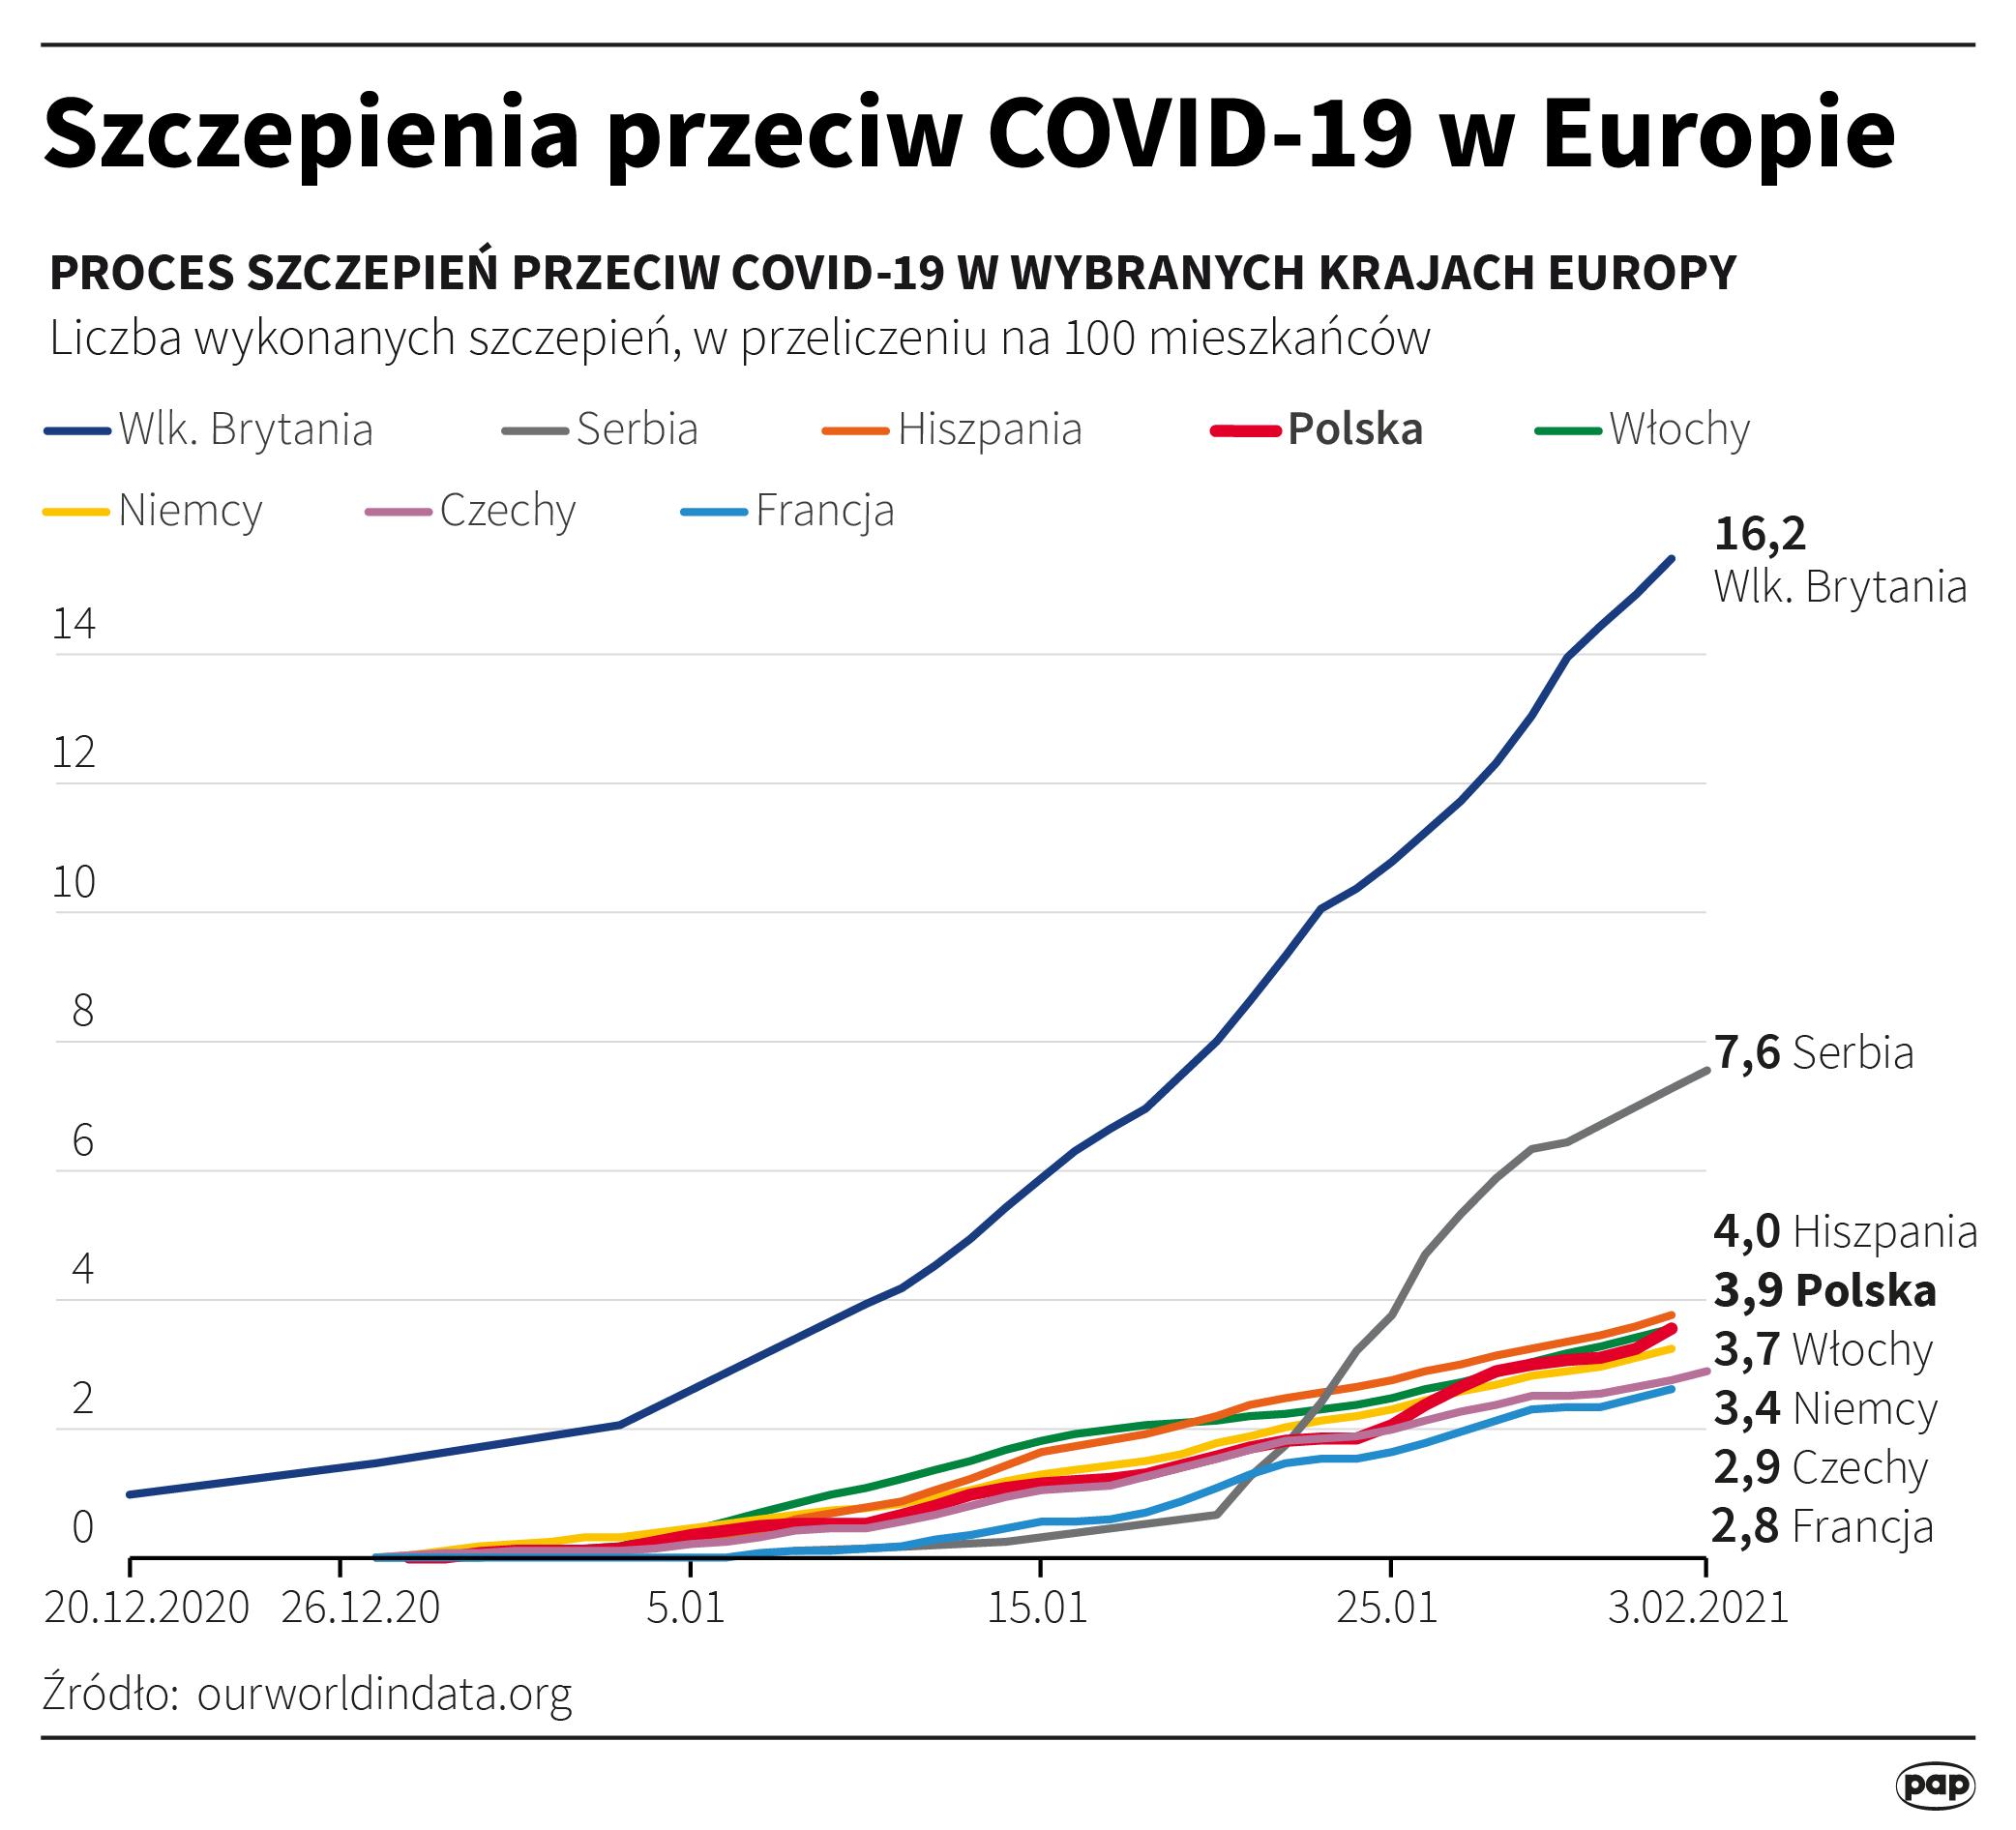 Szczepienie przeciw COVID-19 w Europie [autor: Maria Samczuk, źródło: PAP]